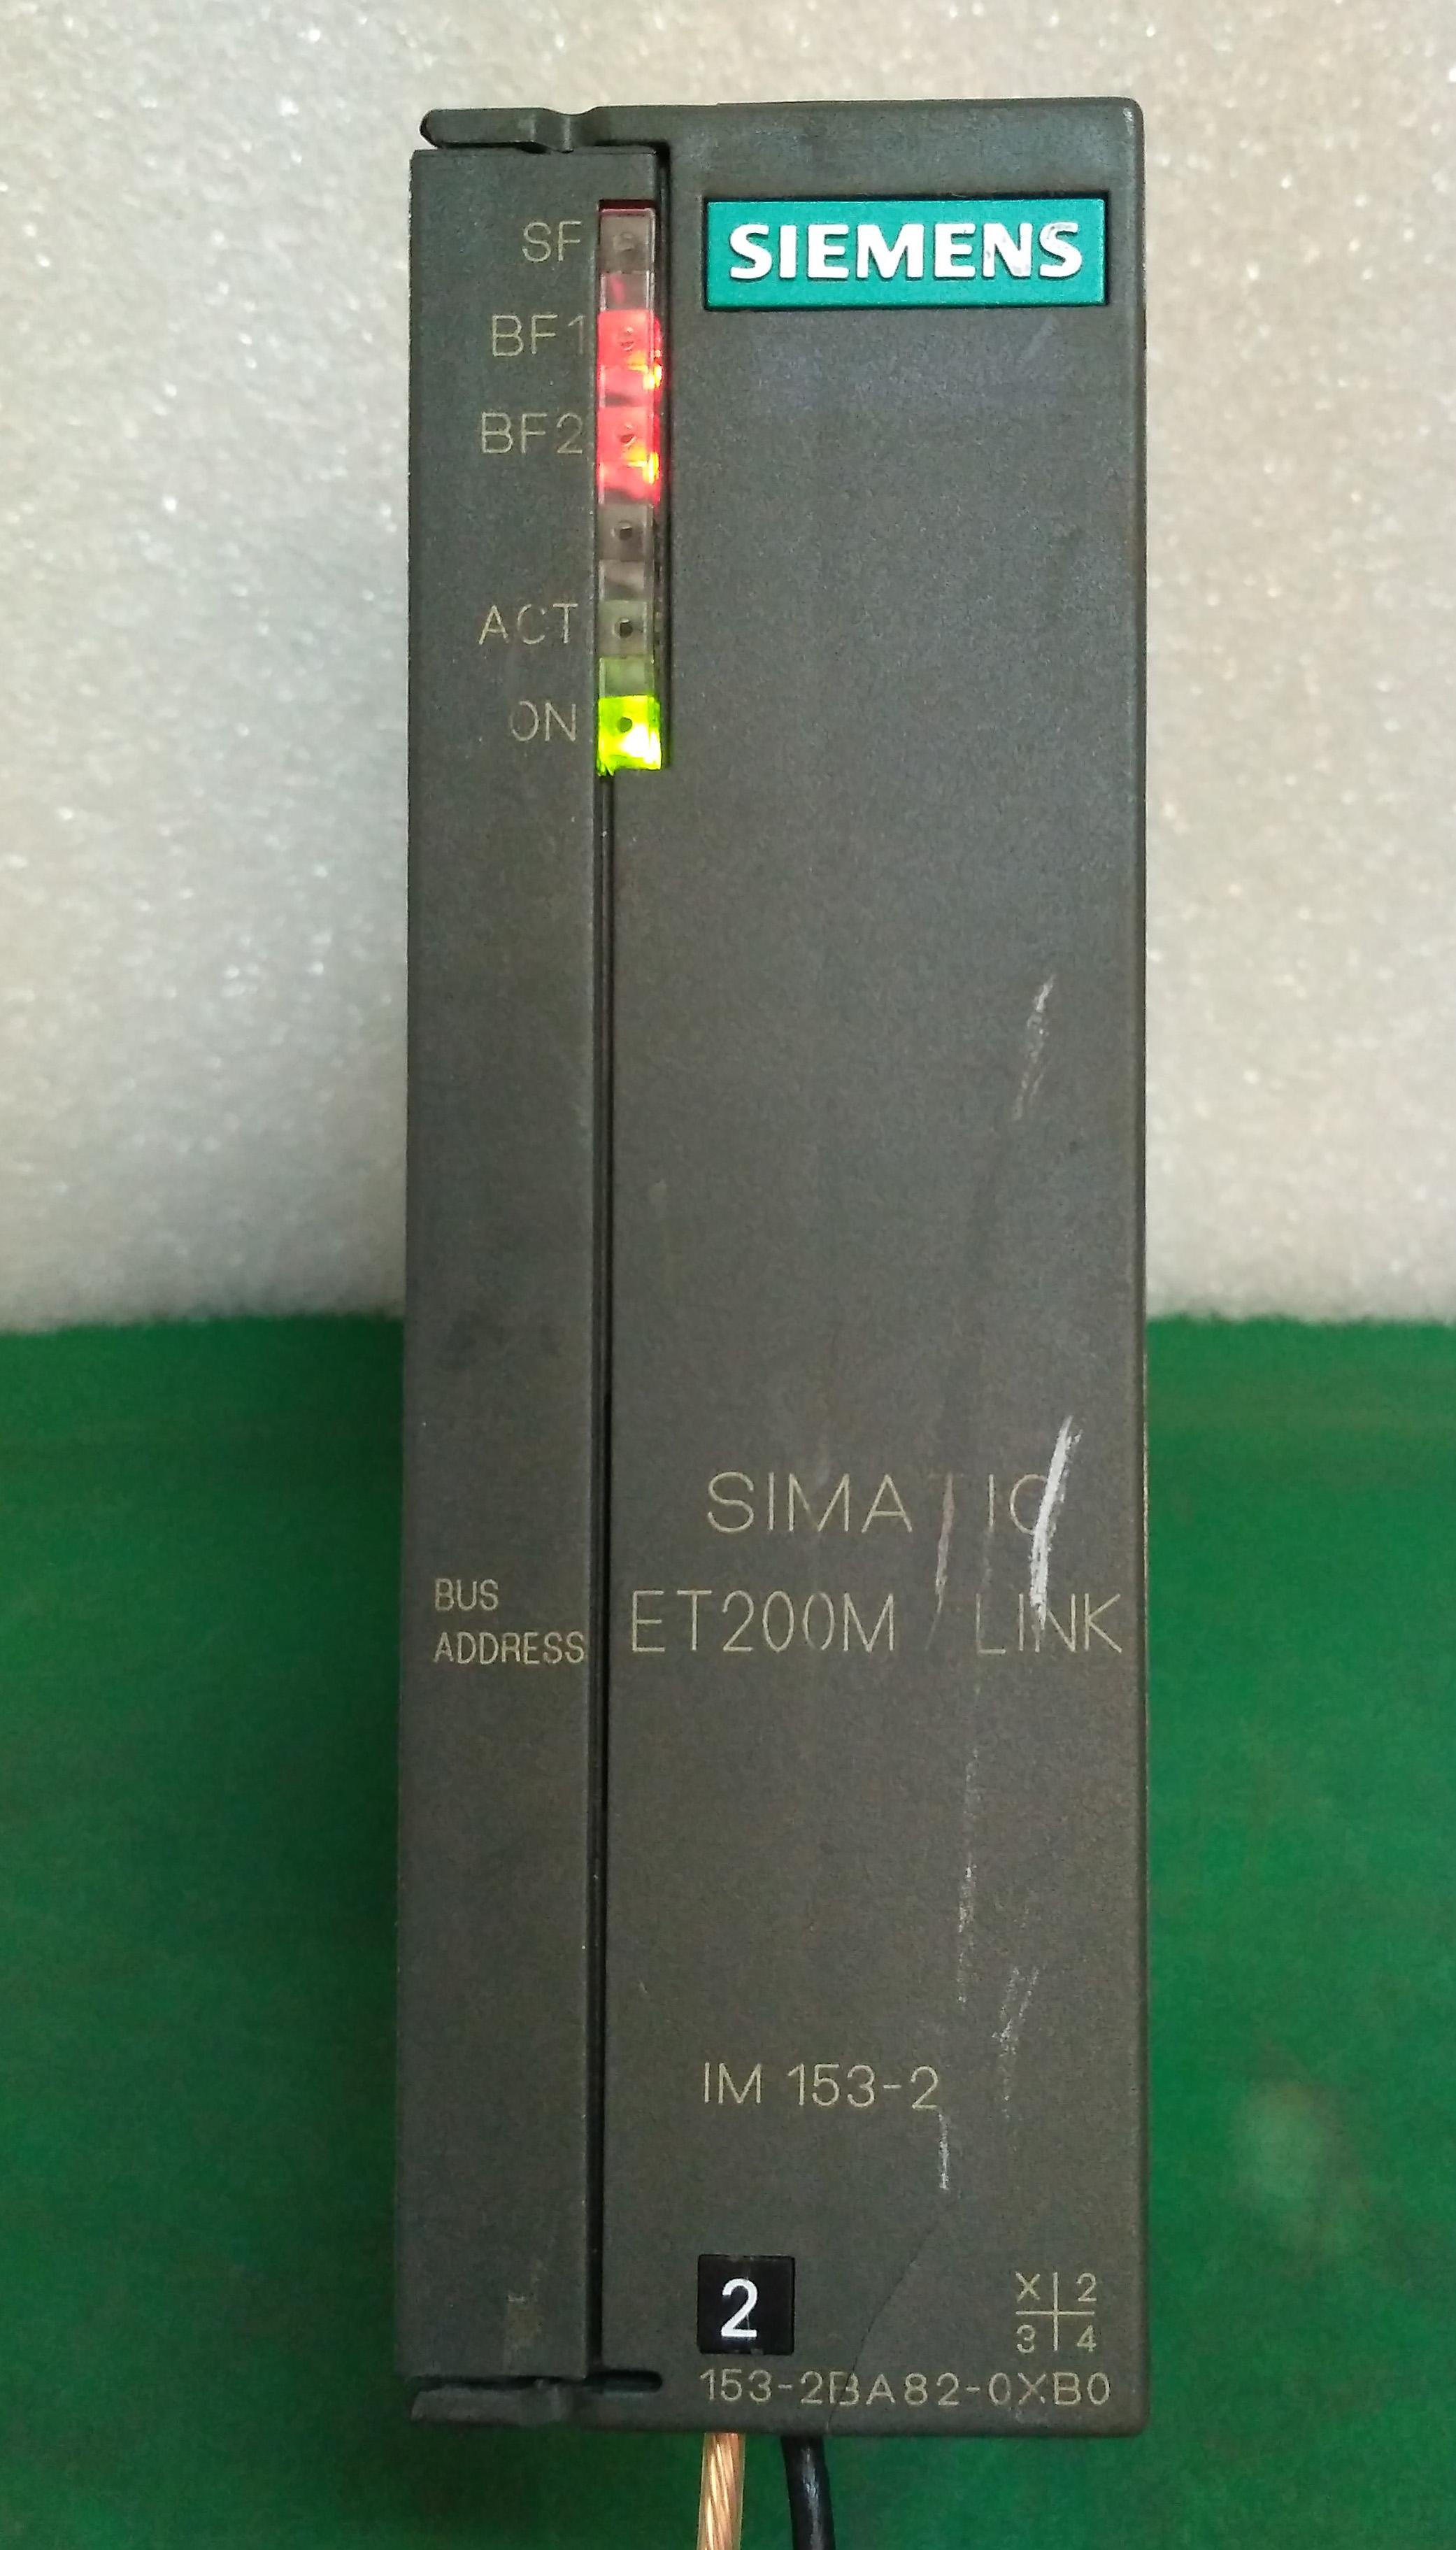 10833 SIEMENS SIMATIC S7 ET200M LINK, COMMUNICATION